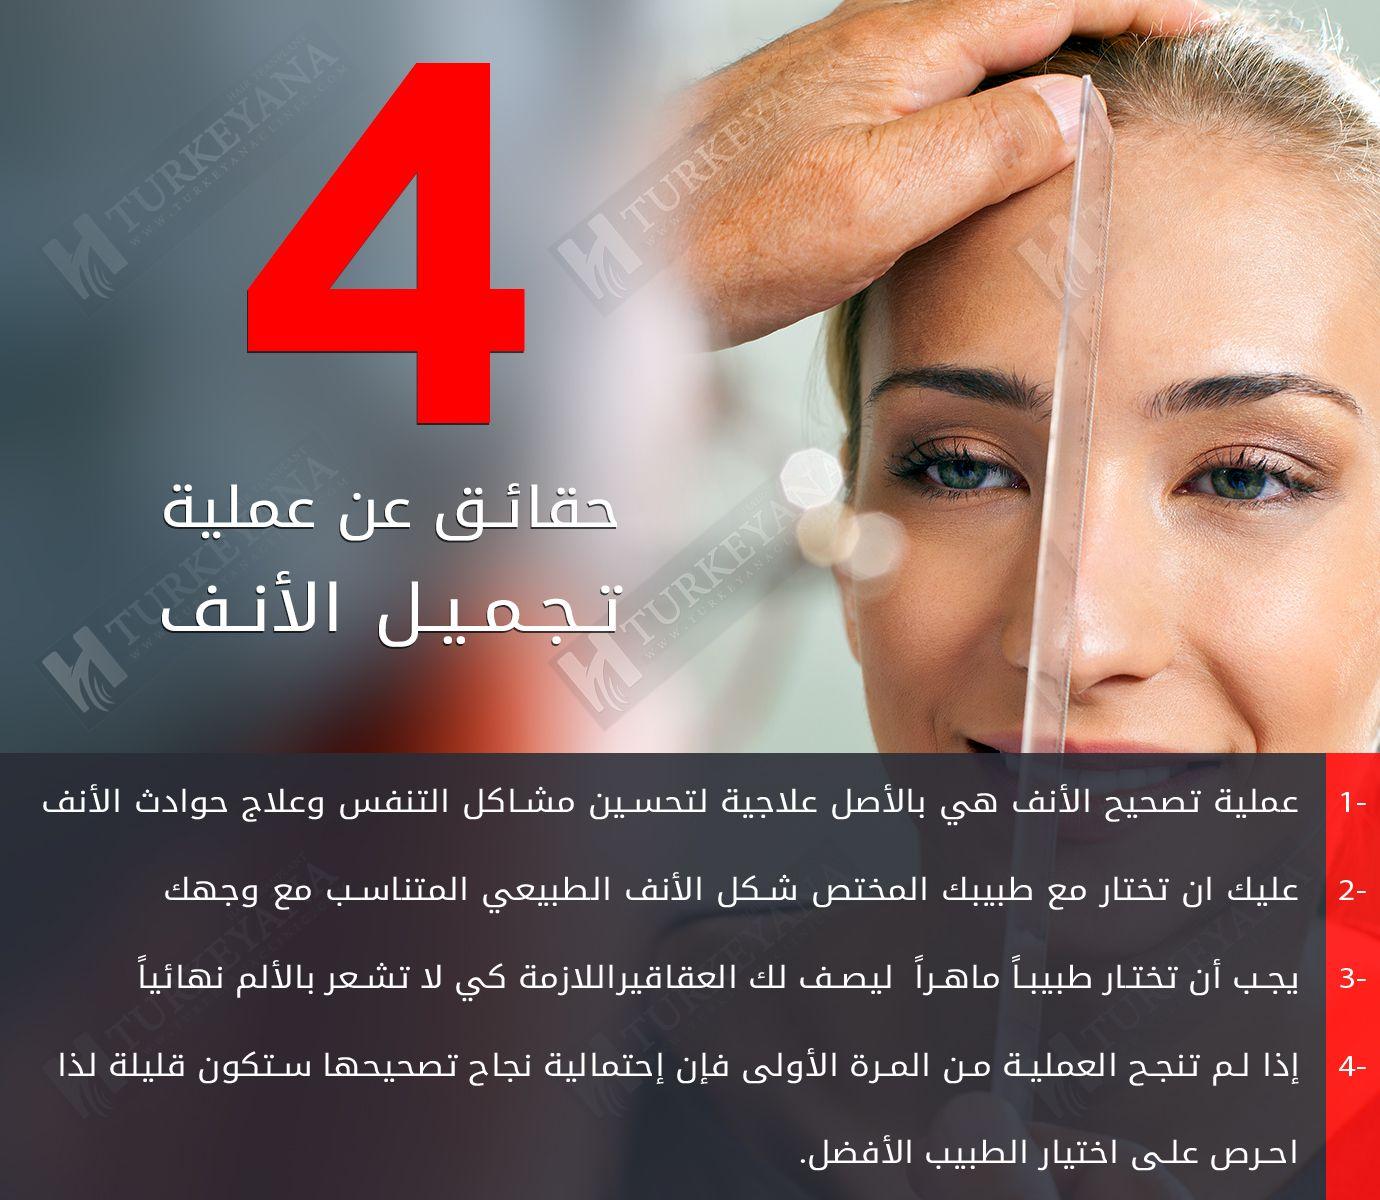 قد تكون عملية تجميل الأنف الخطوة التي ستغير حياتك إلى الأبد إليك 4 حقائق مهمة عن عملية تجميل الأنف Tu Plastic Surgery Hair Clinic Kingdom Of Great Britain